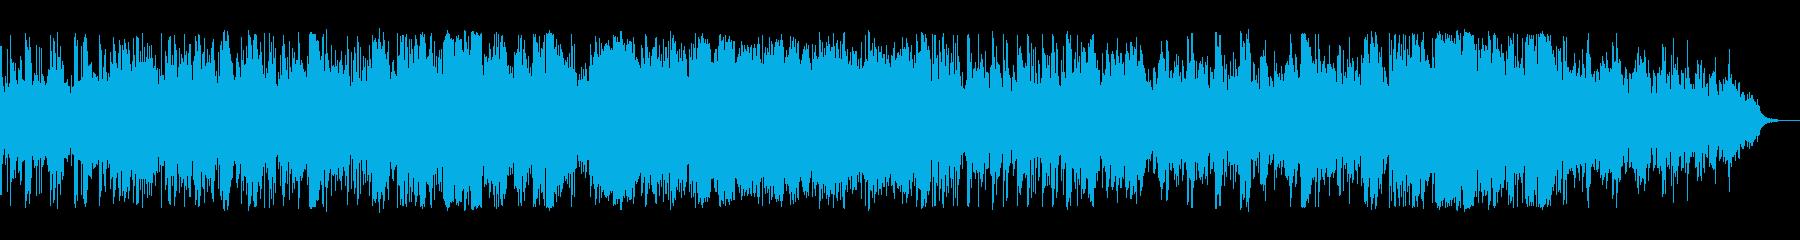 動画 感情的 説明的 クール 気分...の再生済みの波形